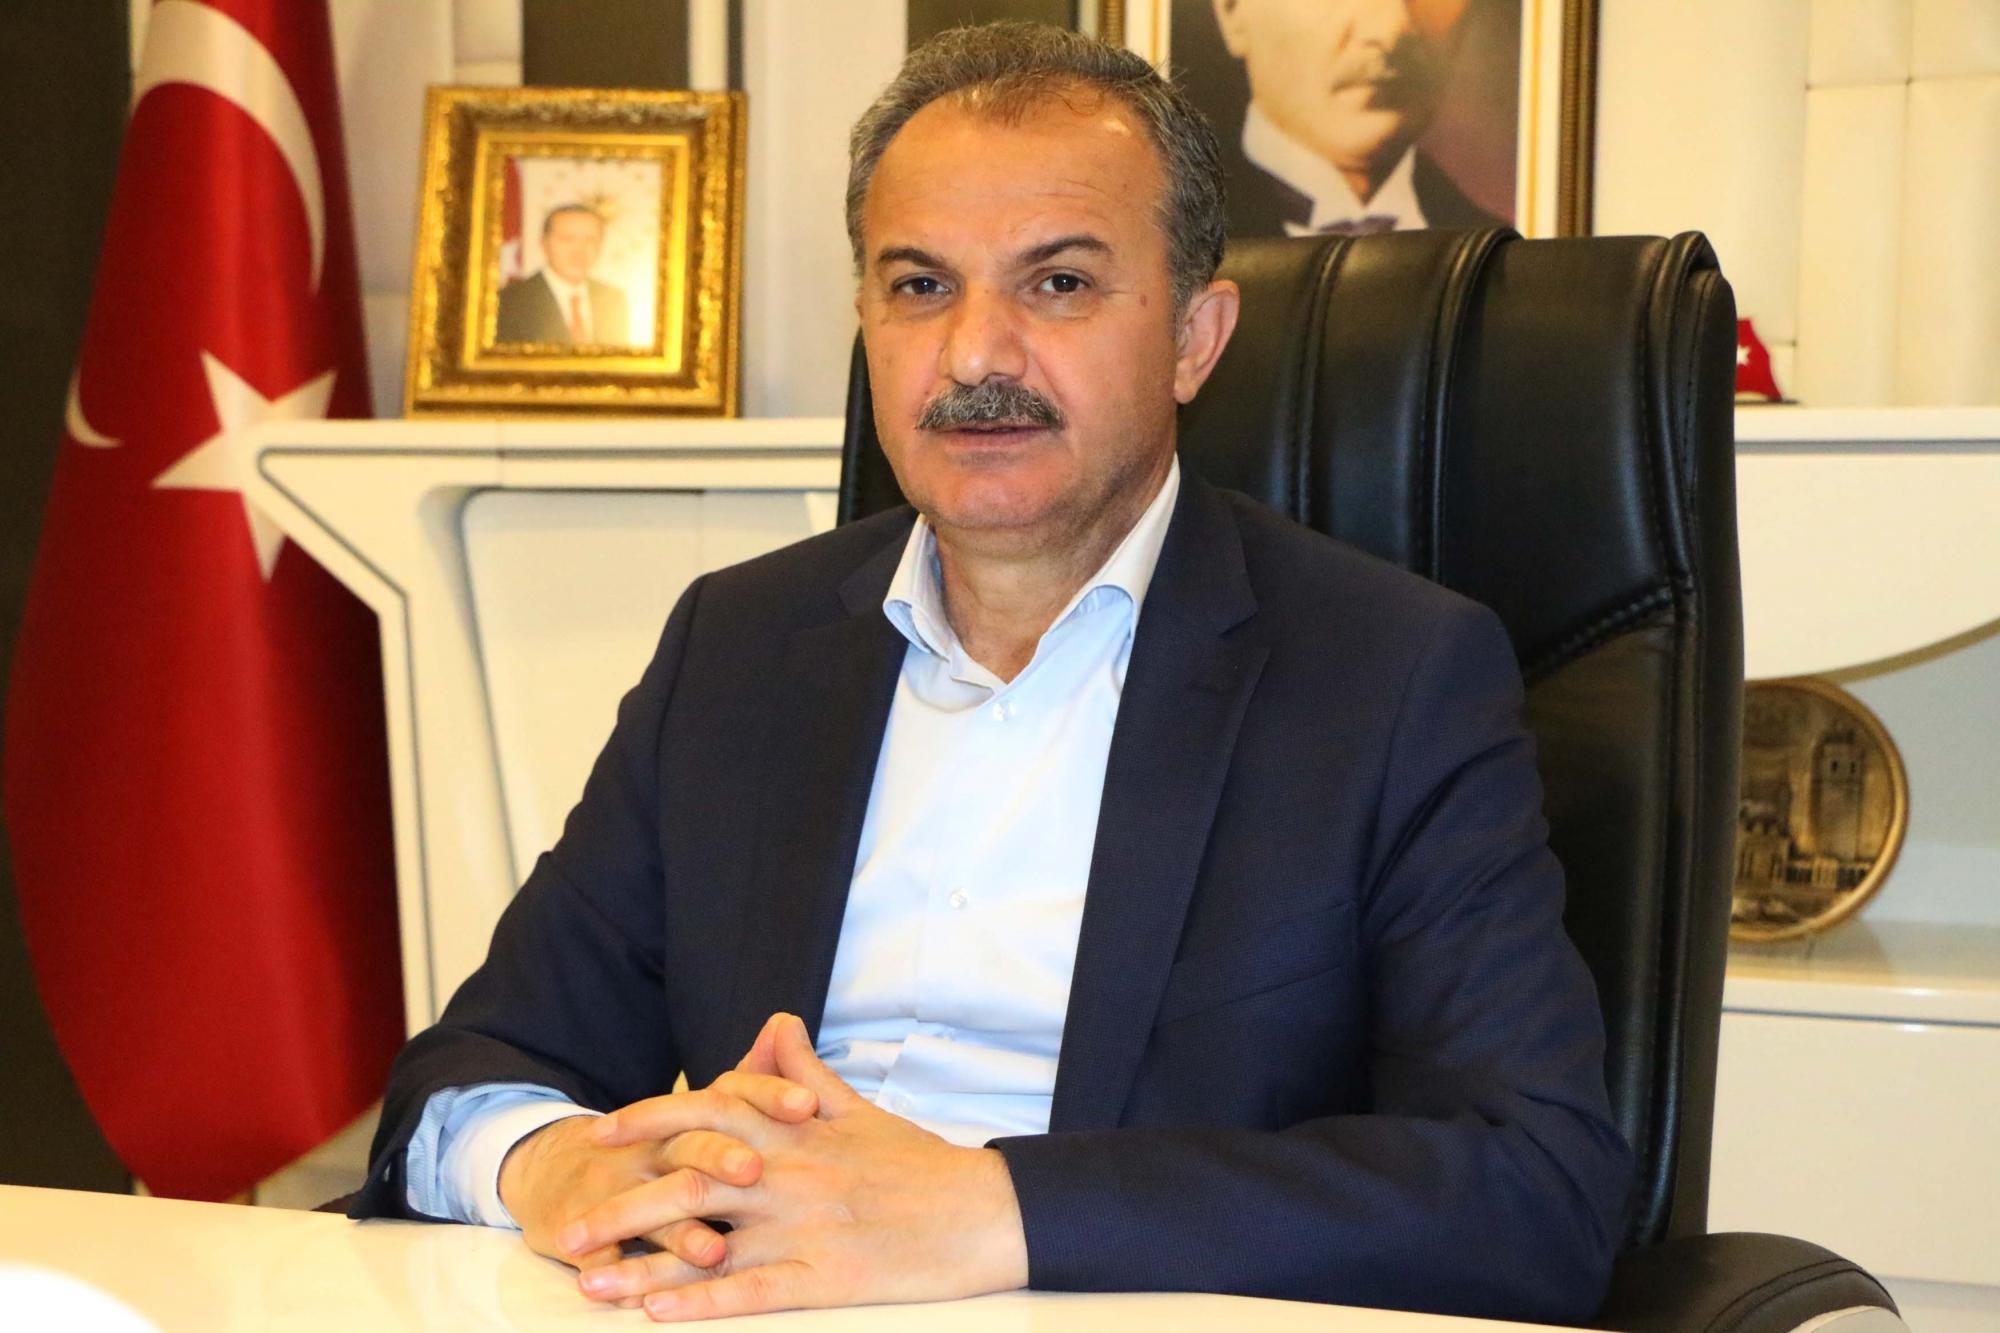 Başkan Kılınç: Bizi diri tutan sosyal yardımlaşma gücümüzdür